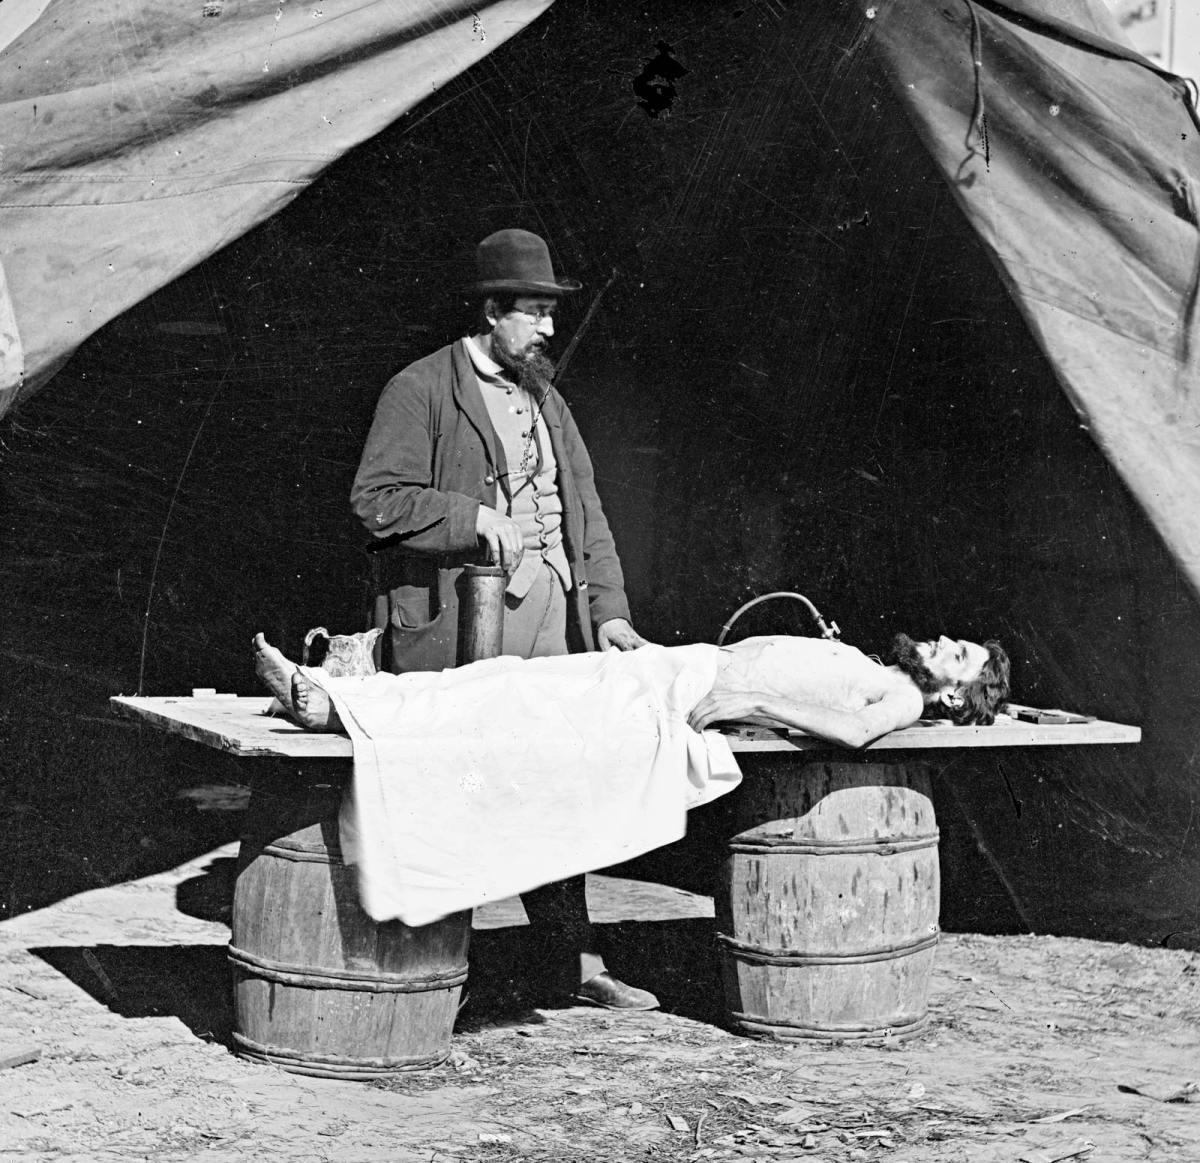 surgeon-work-soldier-body-American-Civil-War